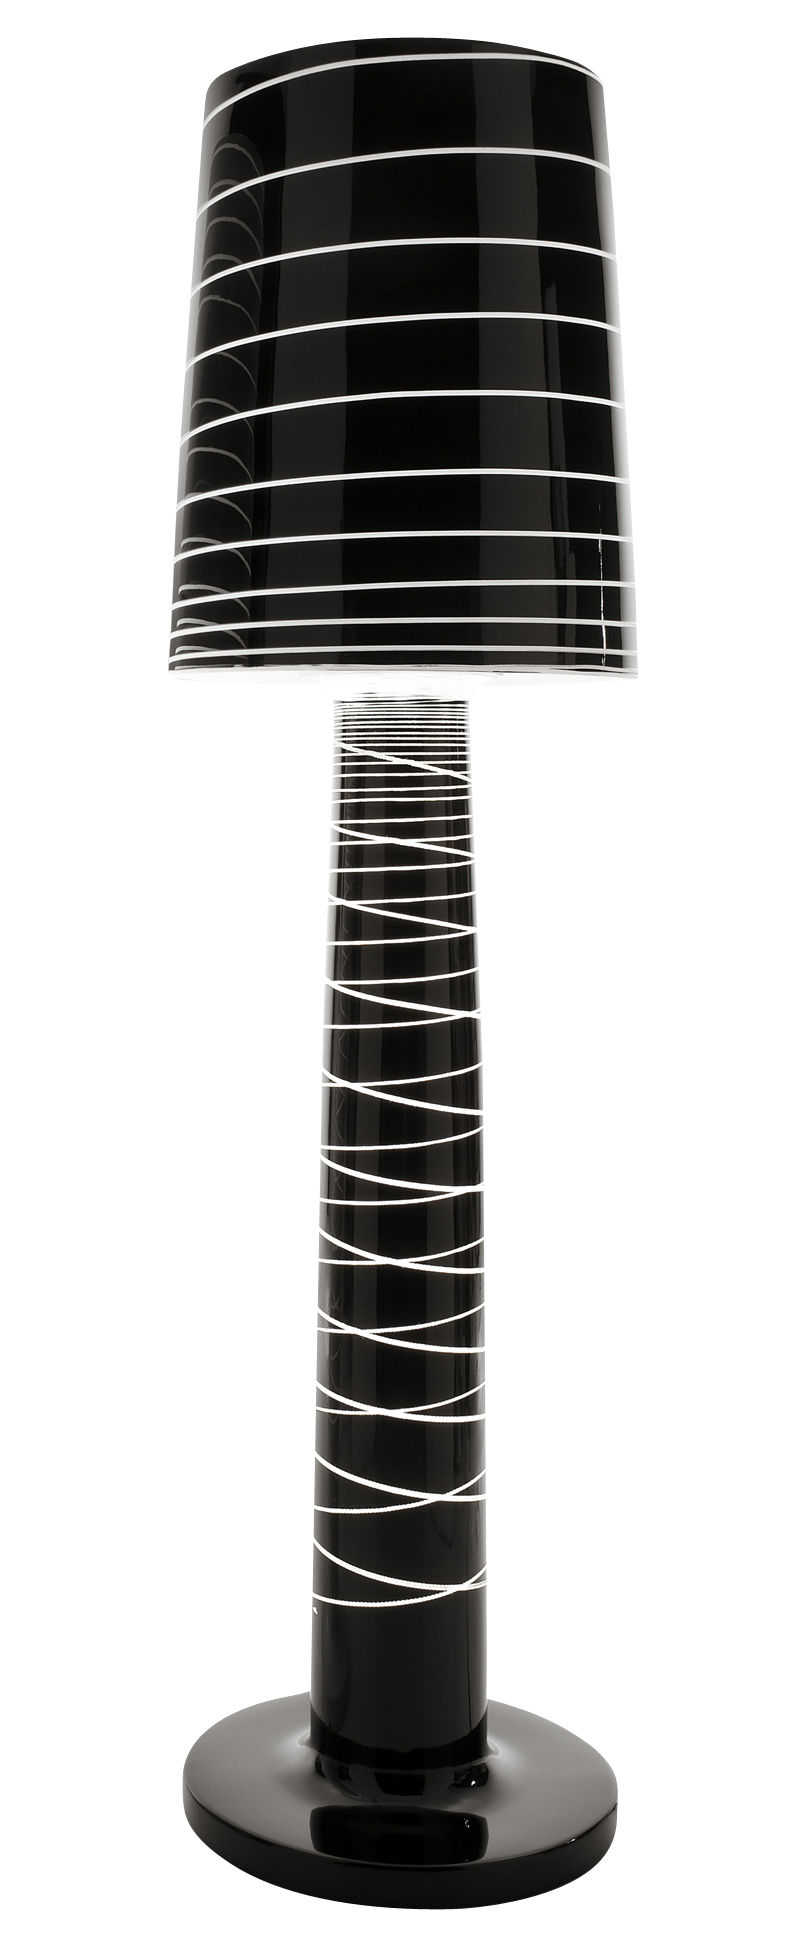 Leuchten - Stehleuchten - Miss Jane Stehleuchte - Serralunga - Schwarz lackiert mit Streifen - Polyäthylen